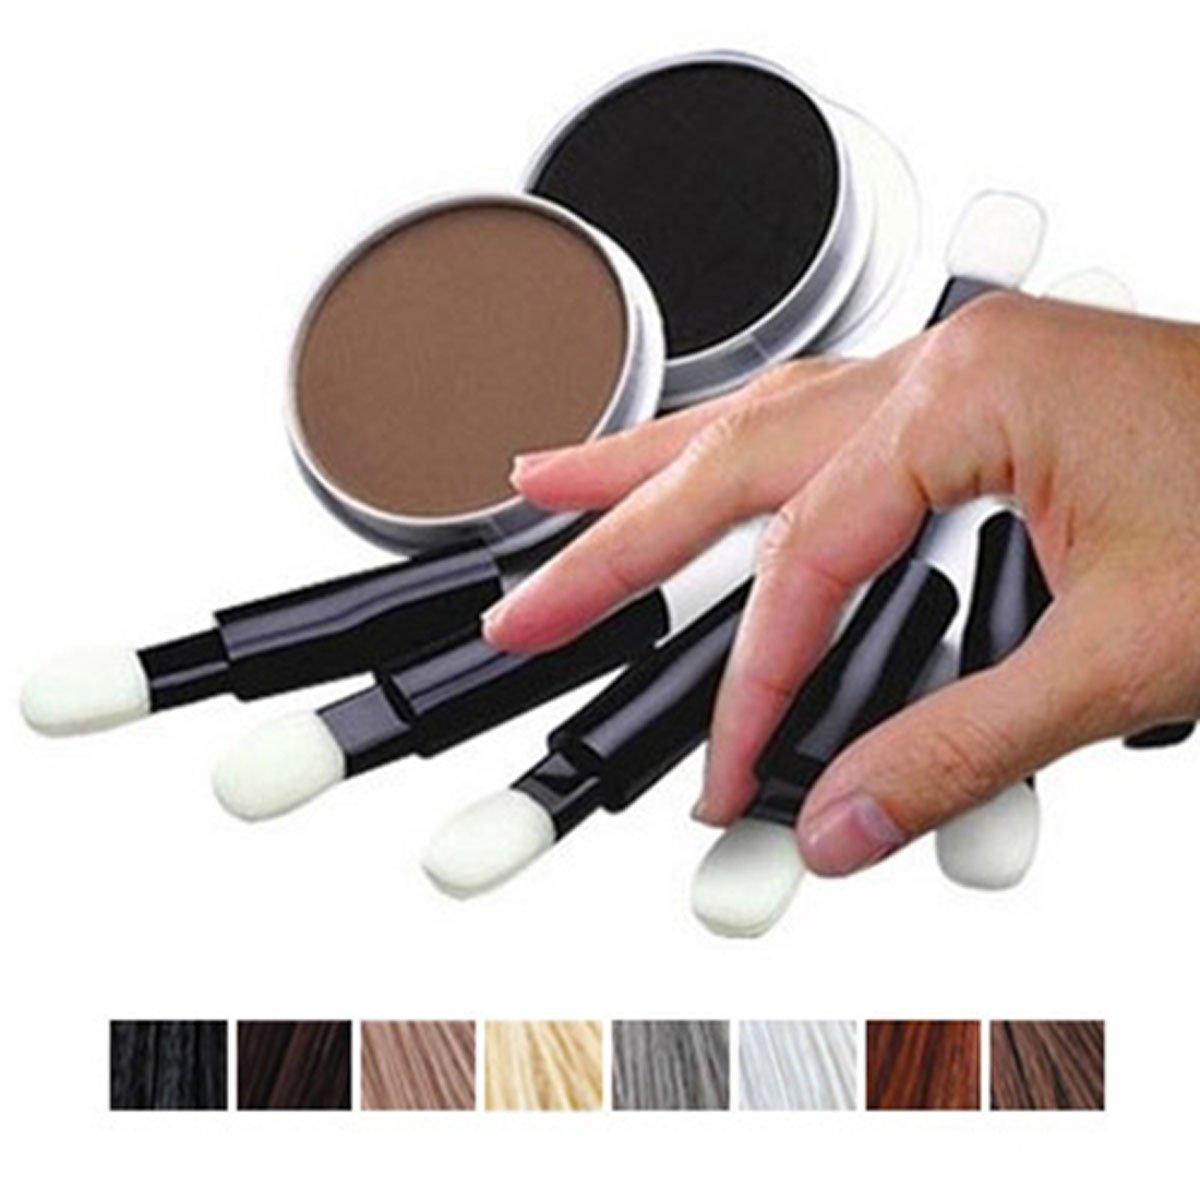 DermMatch Hair Loss Concealer - Medium Brown Med Brown